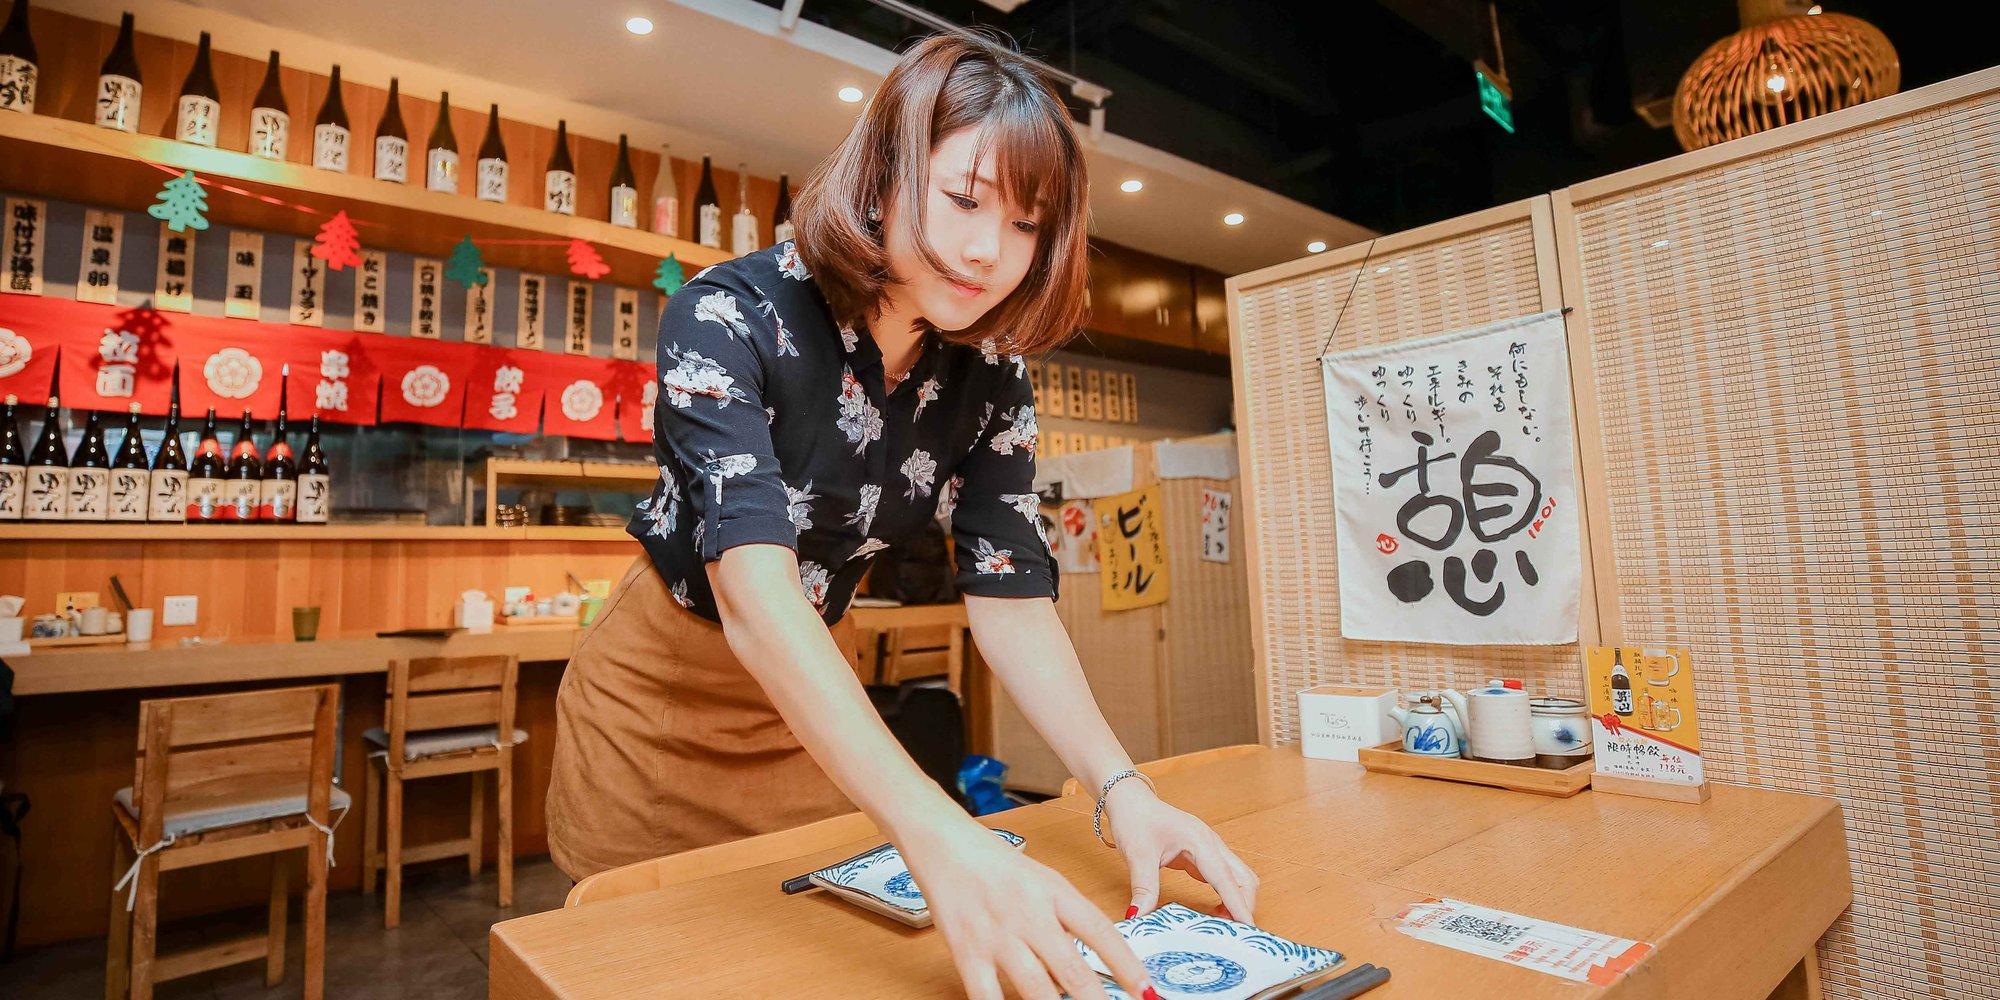 【燕女郎】美女辞高薪工作开拉面店 每天熬16个小时汤料